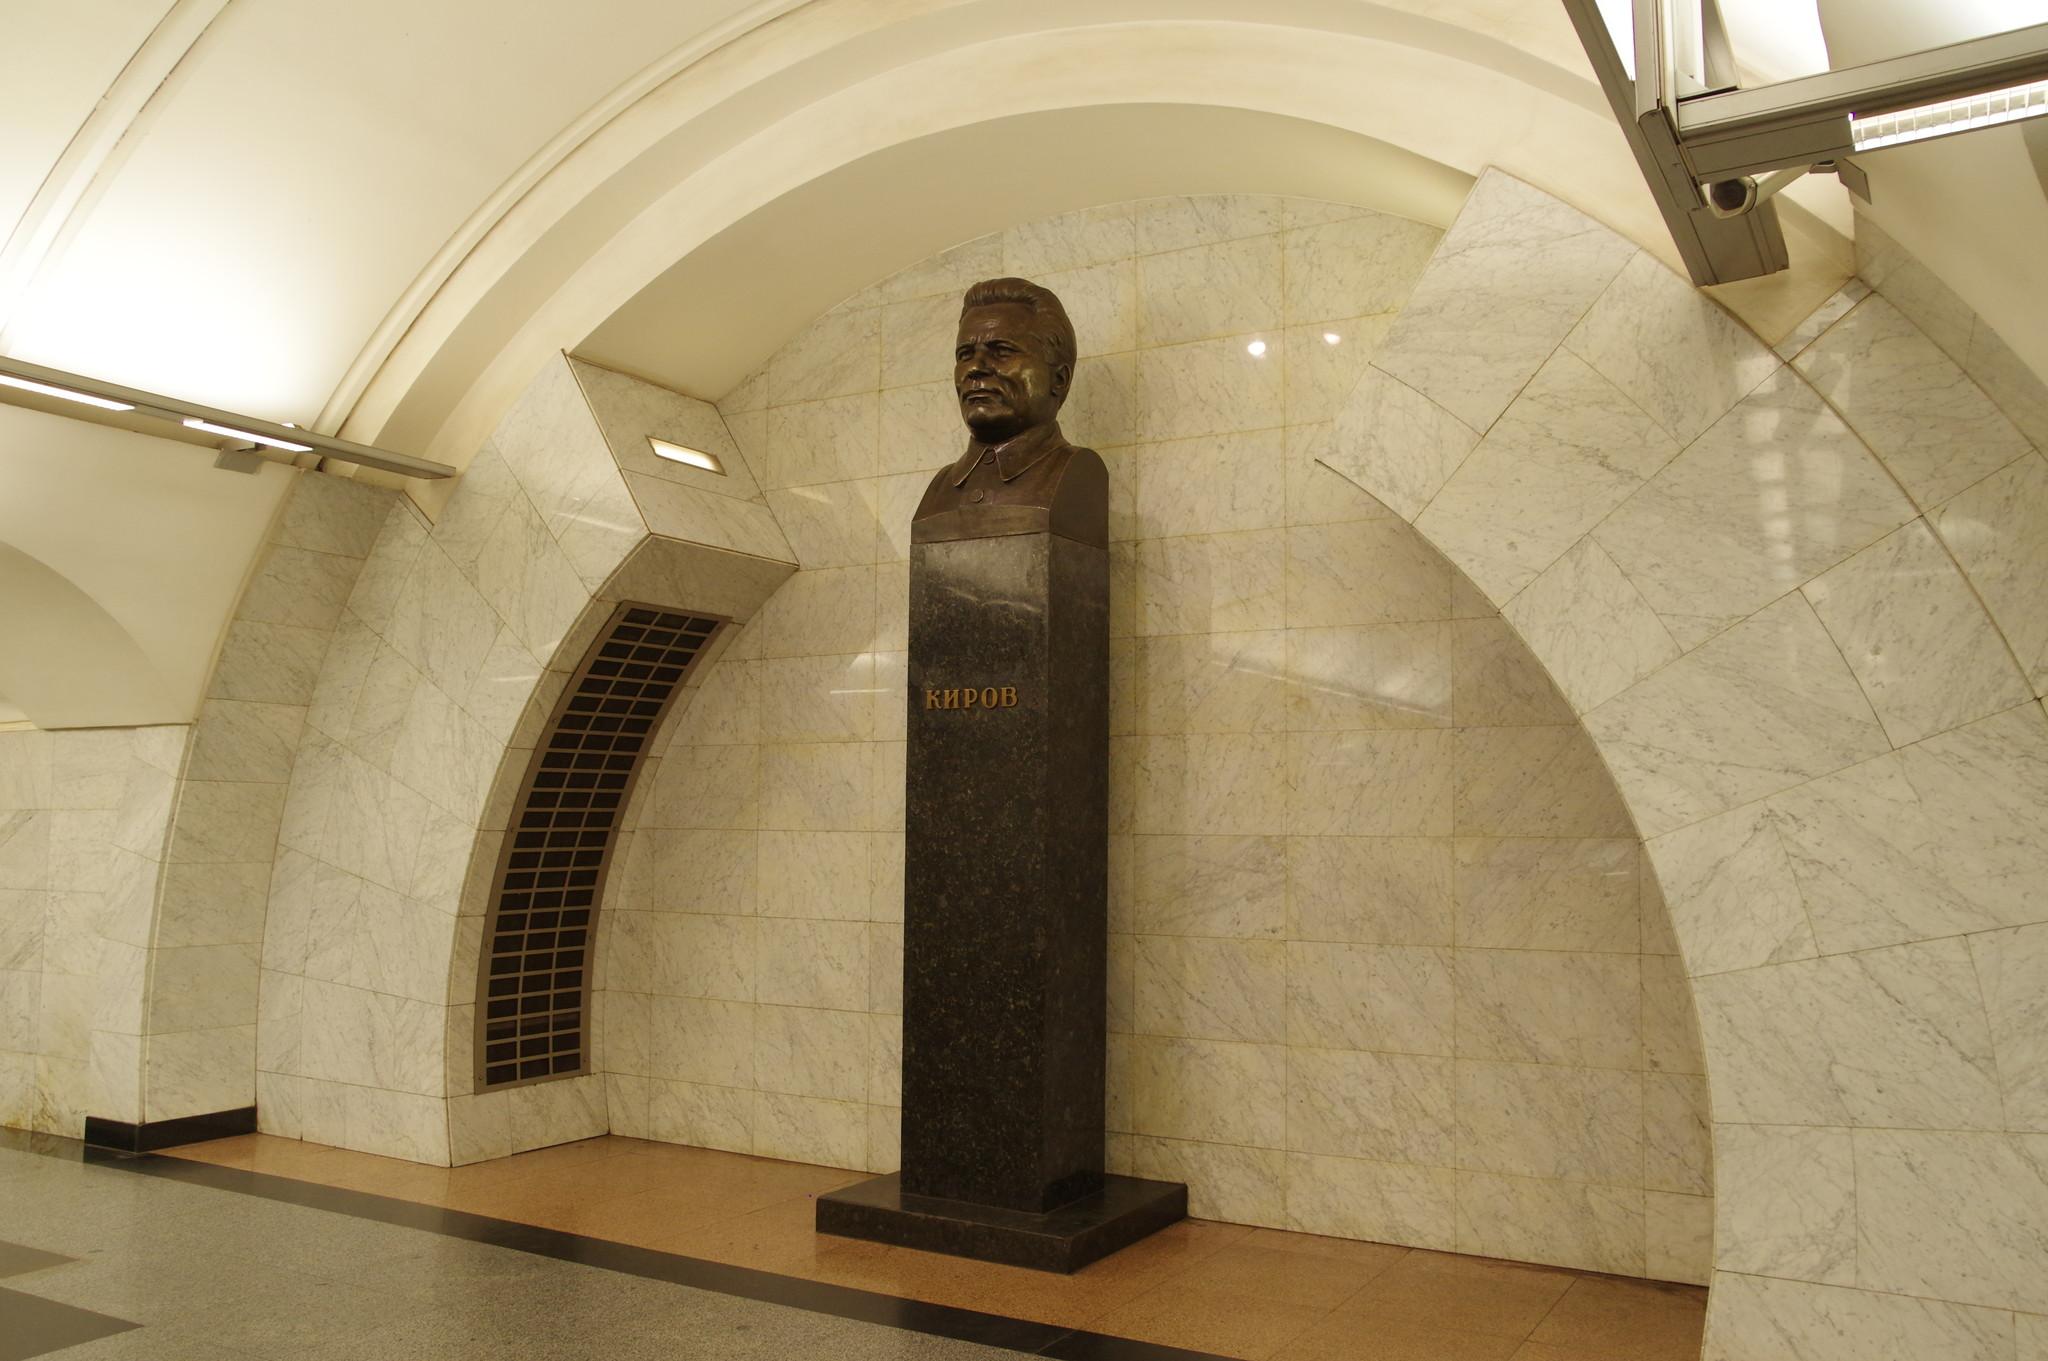 Бюст С.М. Кирова находится в переходе со станции «Сретенский бульвар» на станцию «Тургеневская»